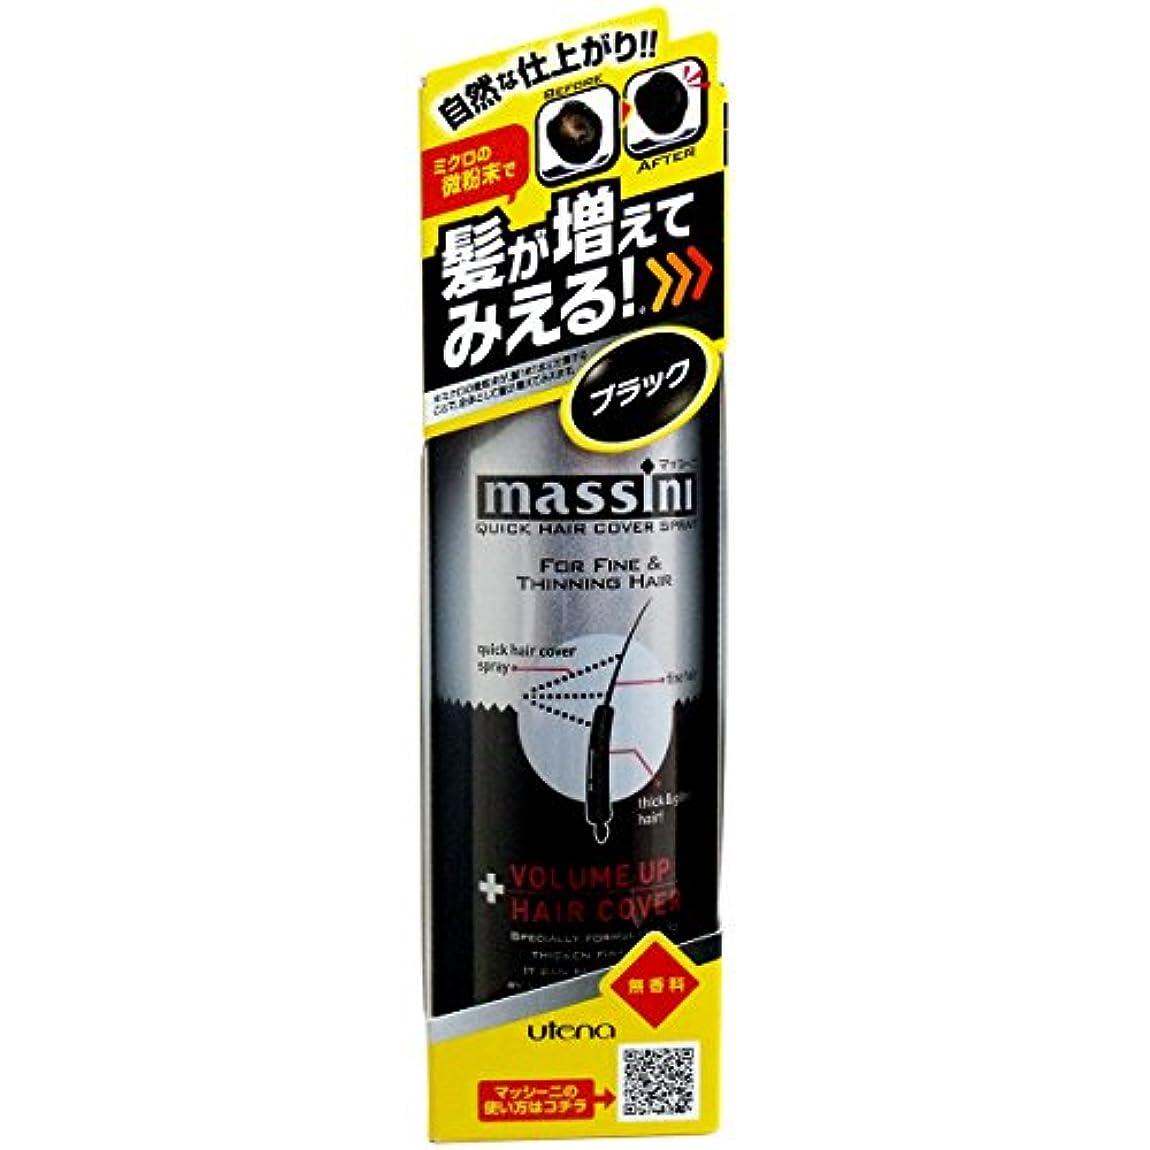 吸収不格好櫛【ウテナ】マッシーニ クィックヘアカバースプレー(ブラック) 140g ×5個セット